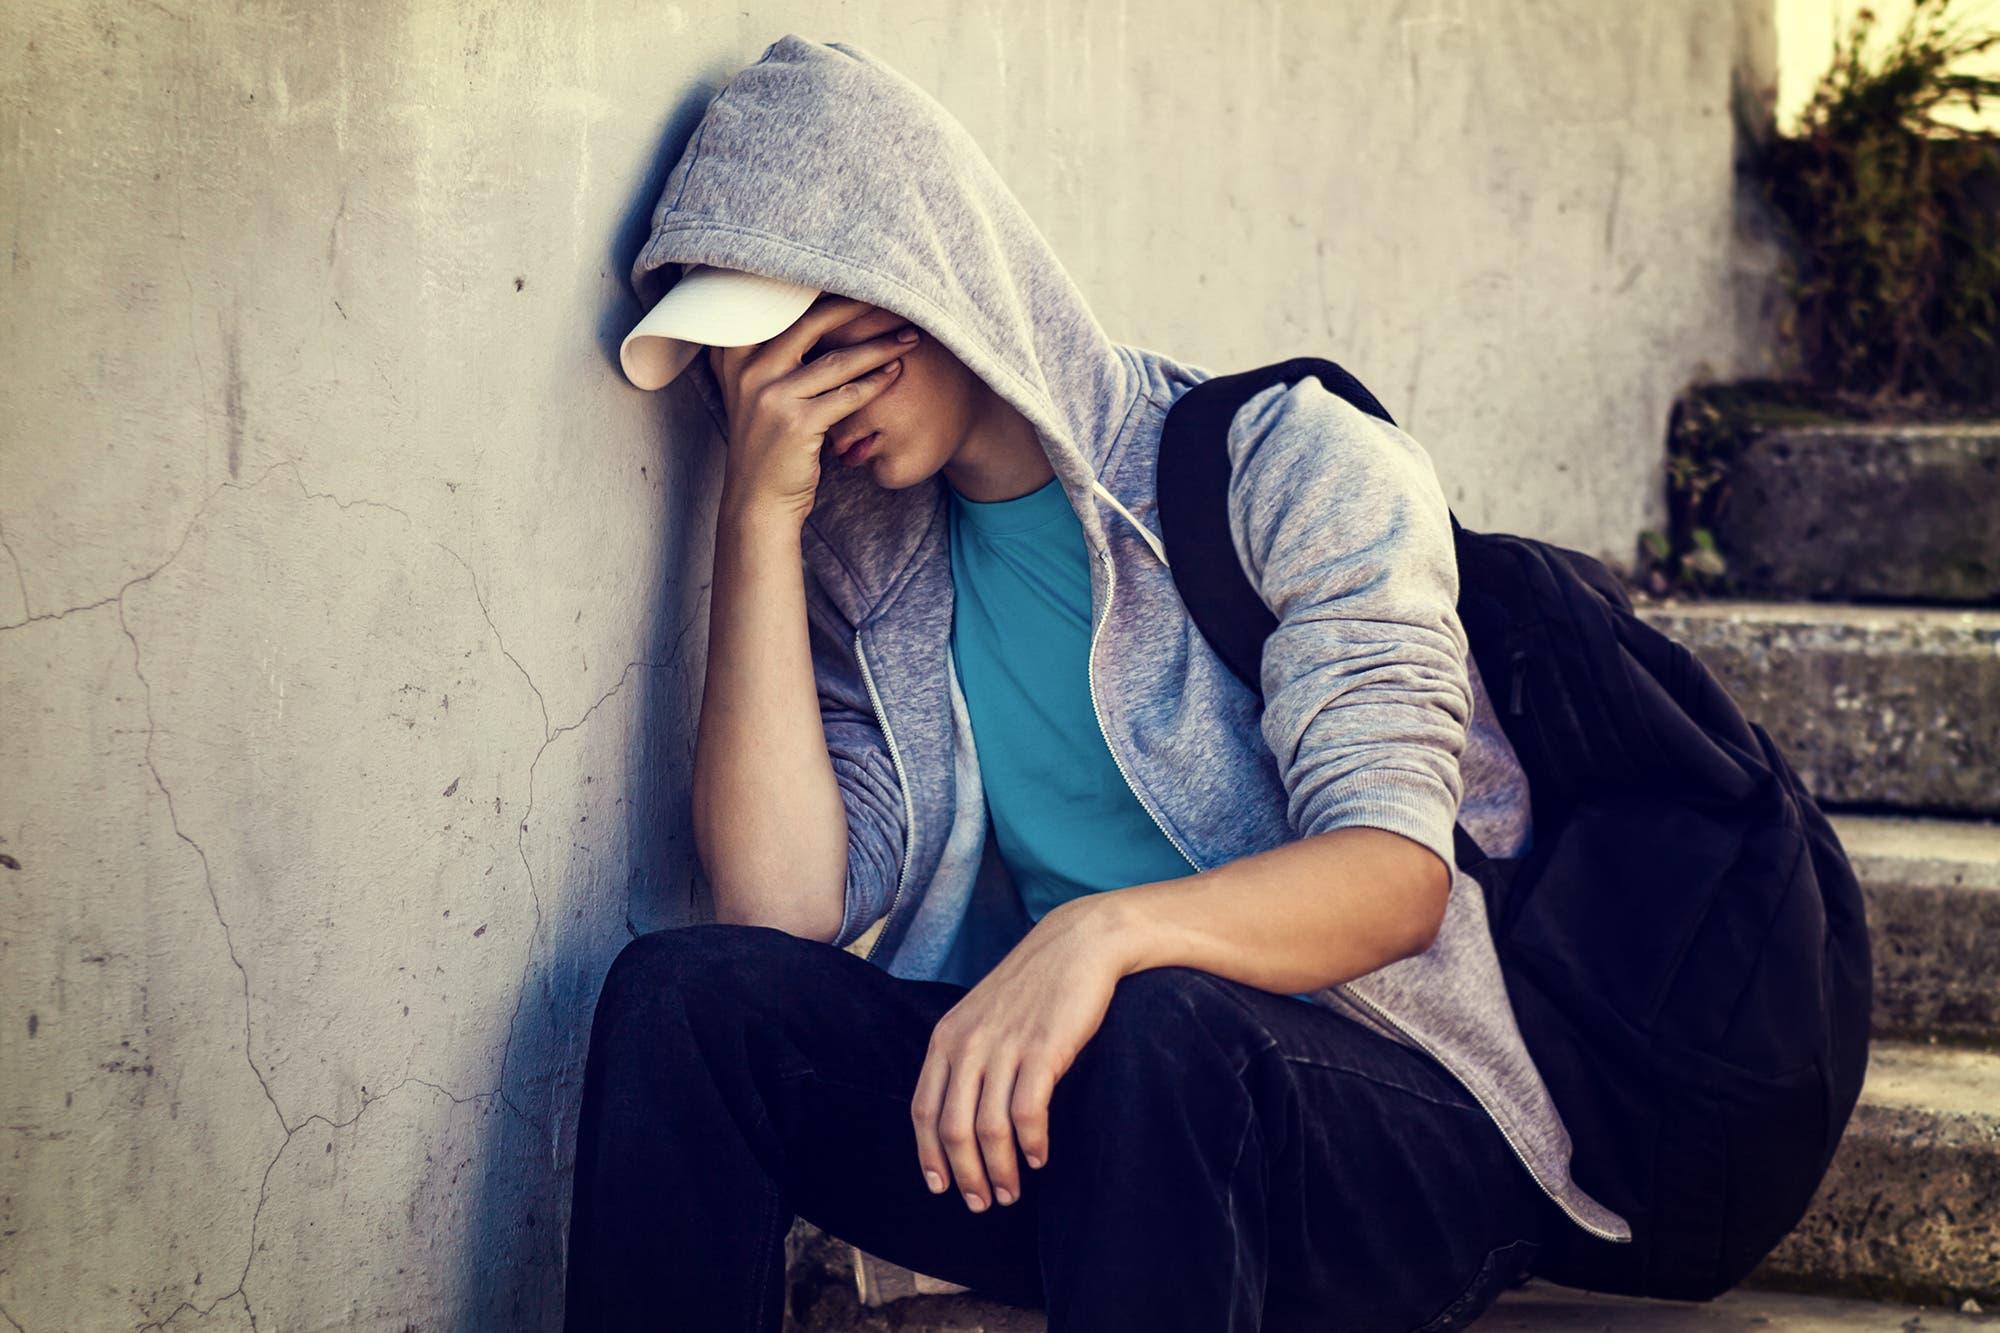 Ansiedad y depresión en cuarentena puede afectar a las personas